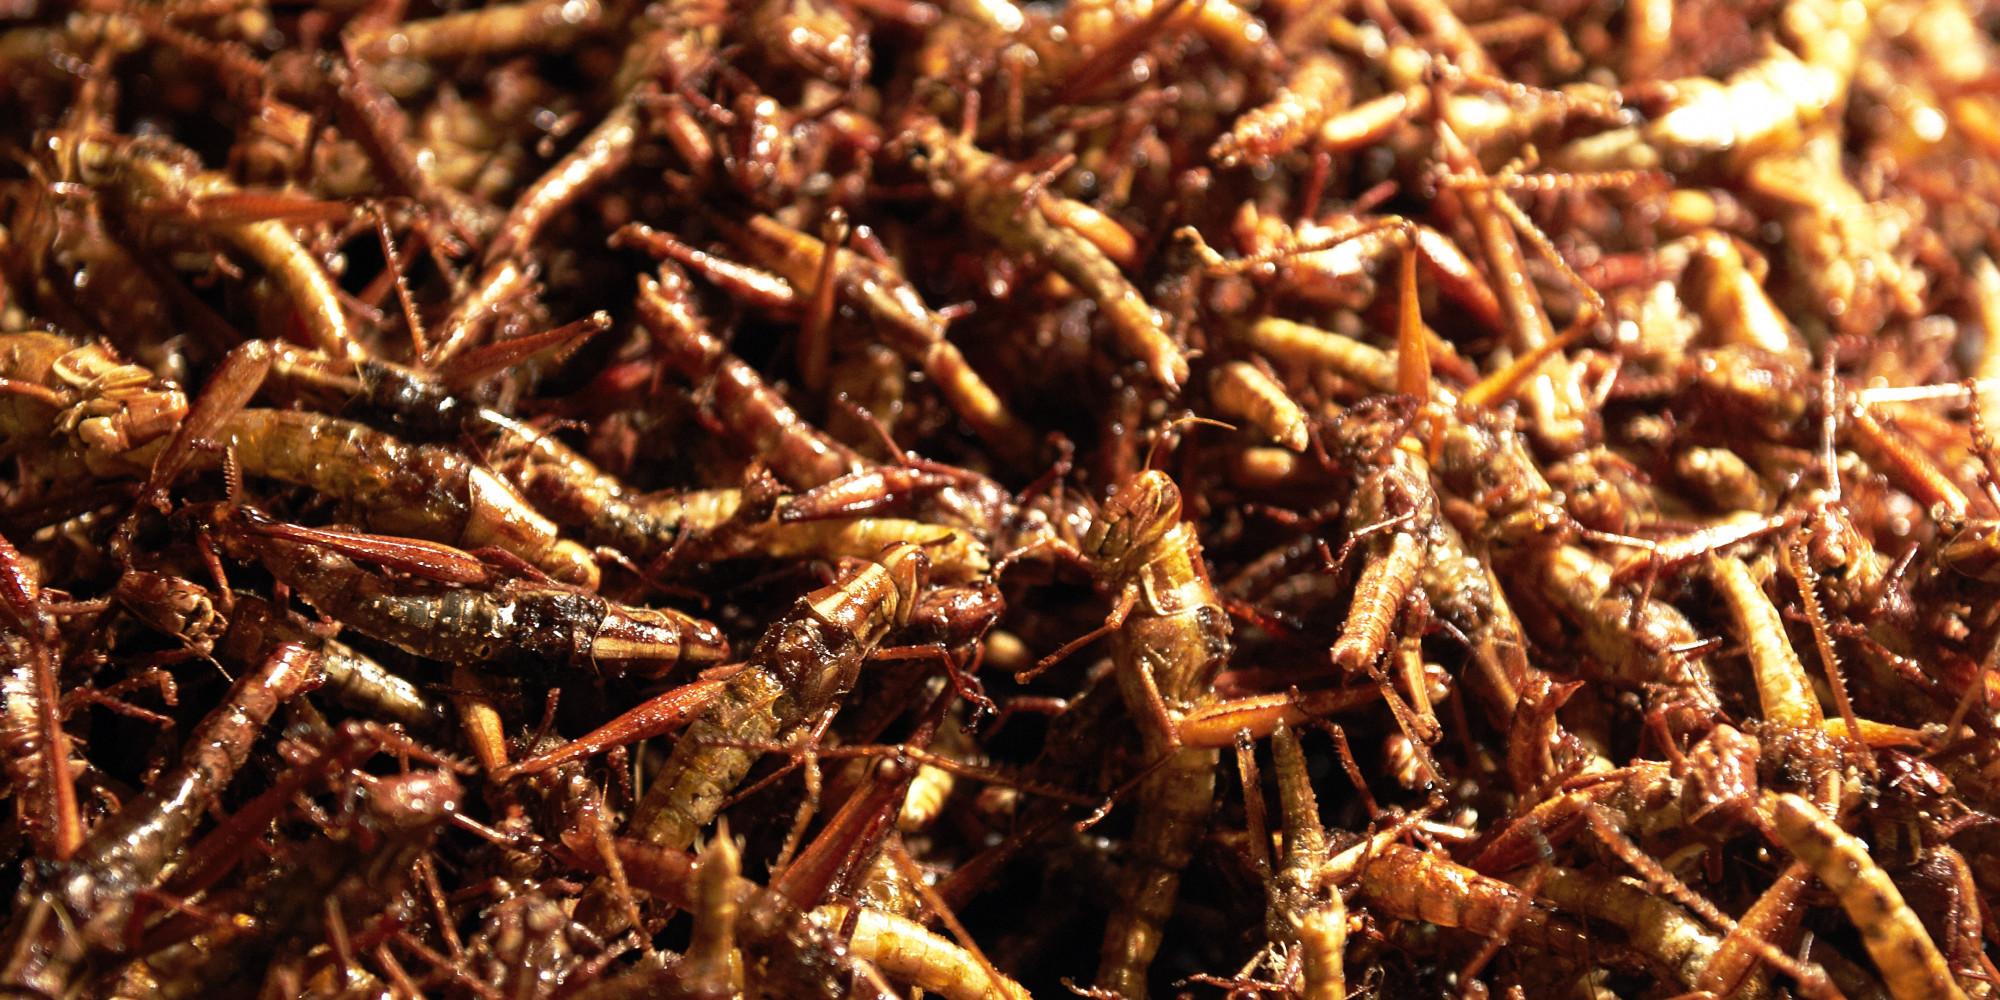 Manger des insectes avec cette farine base de - Cuisiner des crepinettes ...